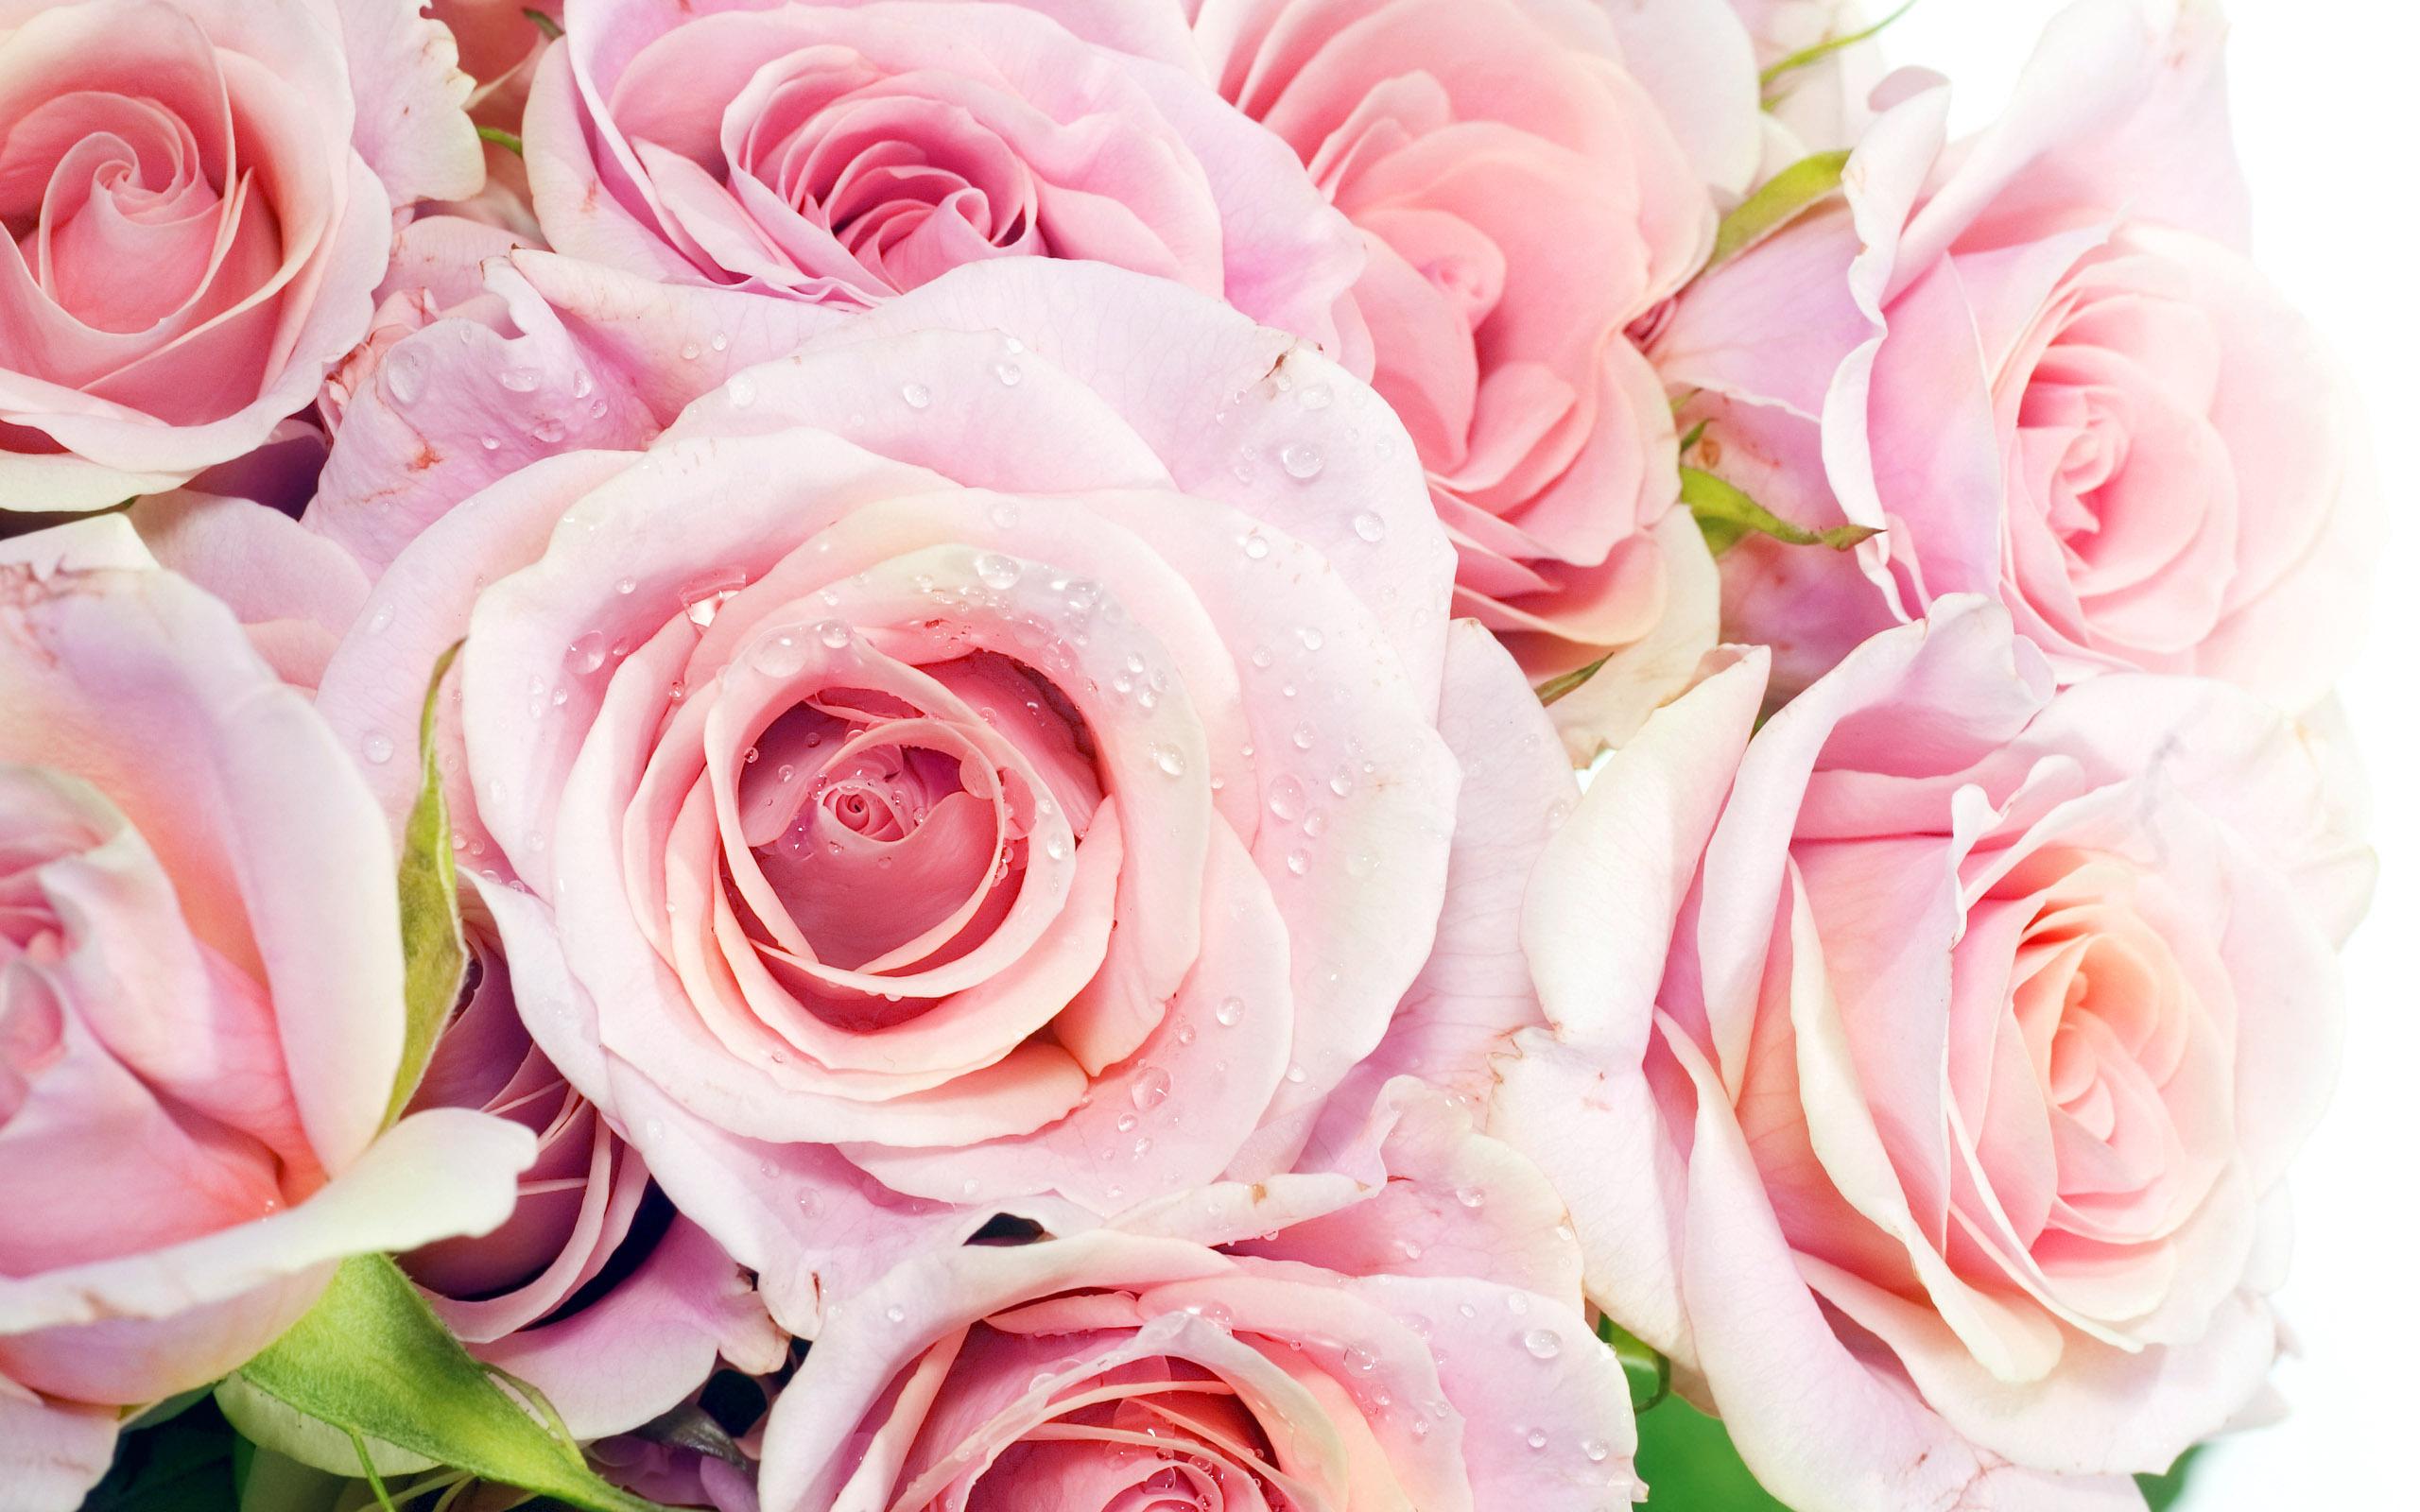 Анимация мужчине, красивые картинки с цветами розы